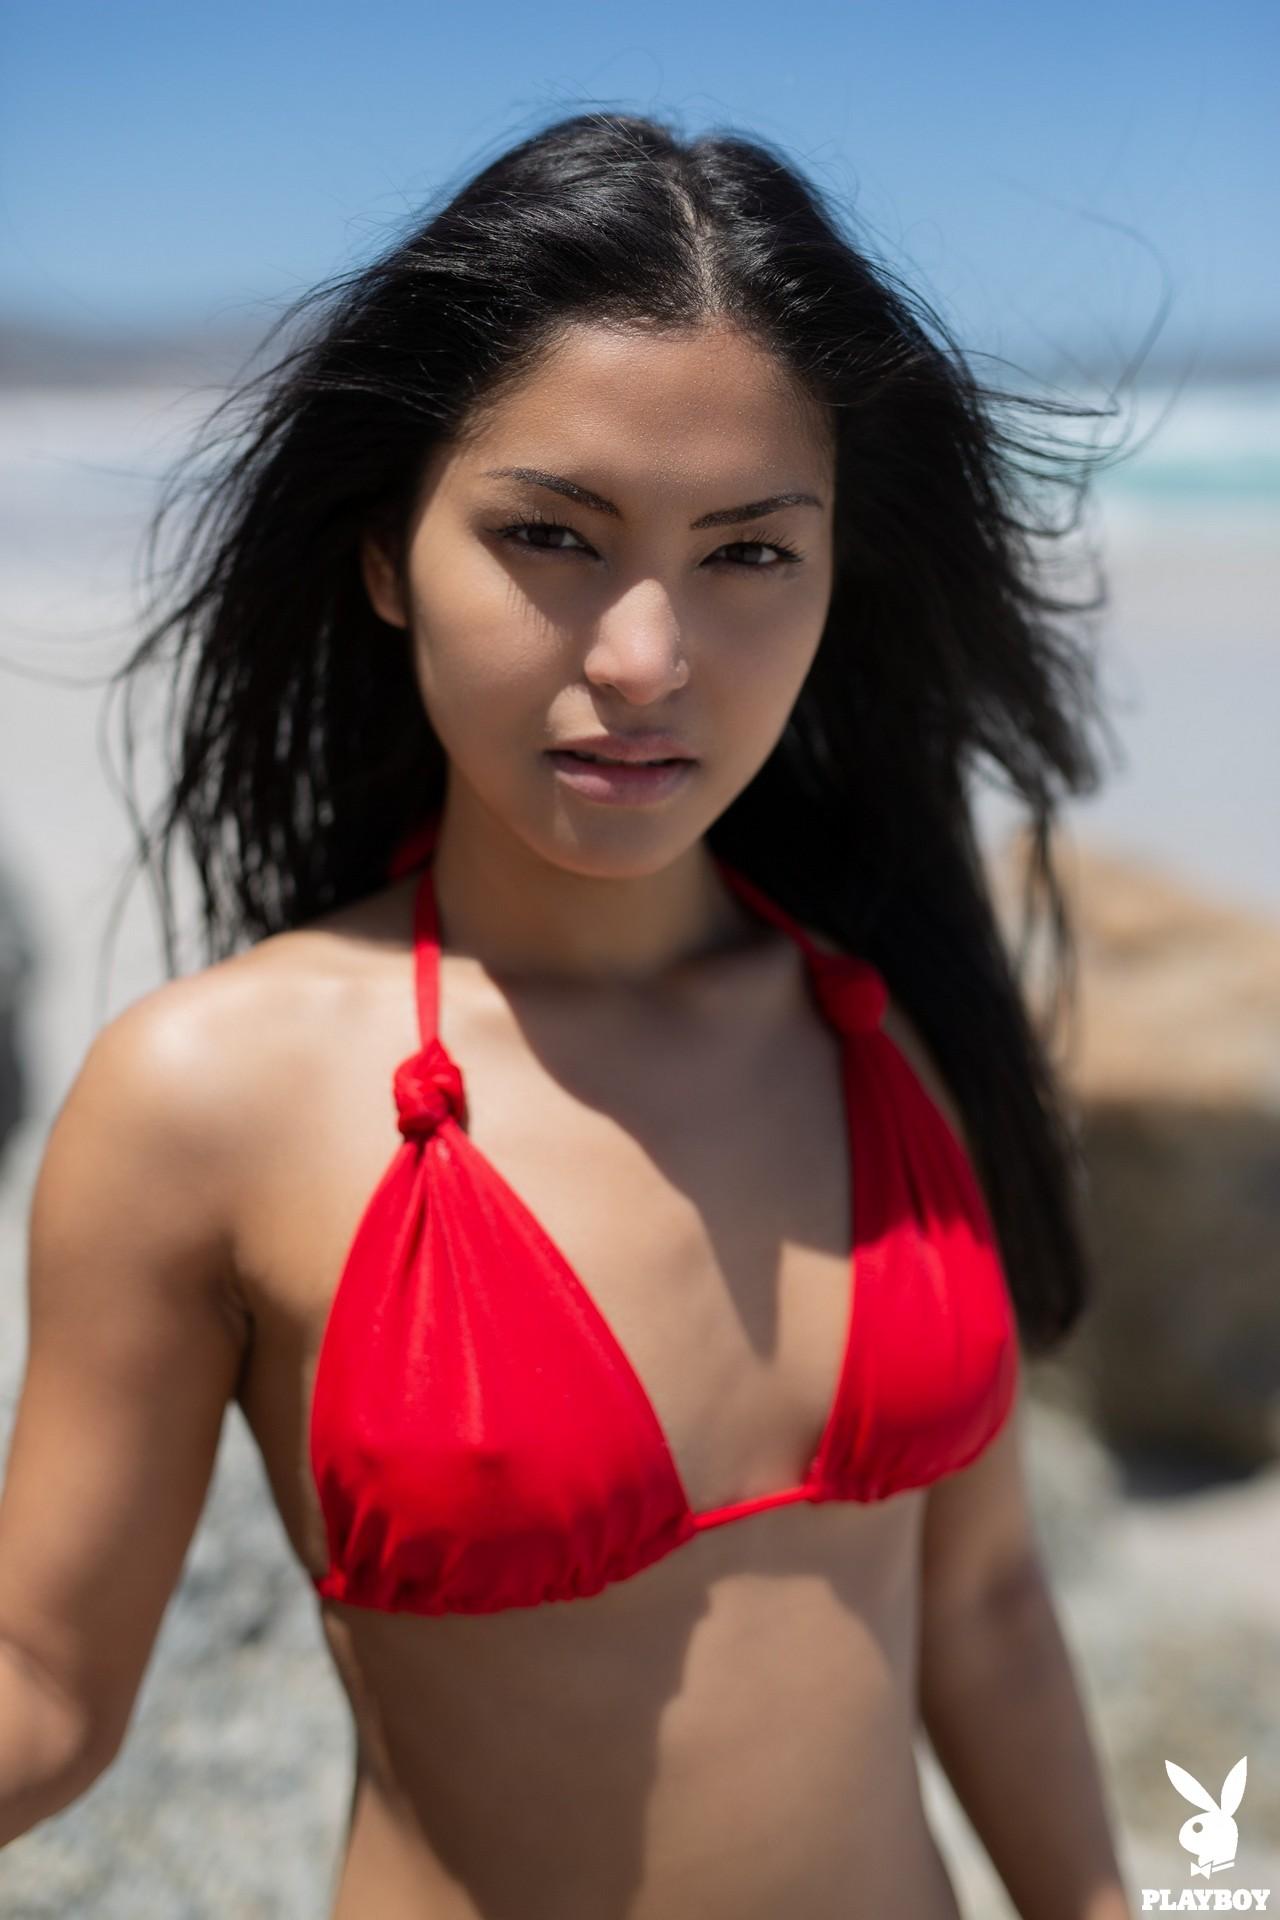 Chloe Rose in Windswept - Playboy Plus 31